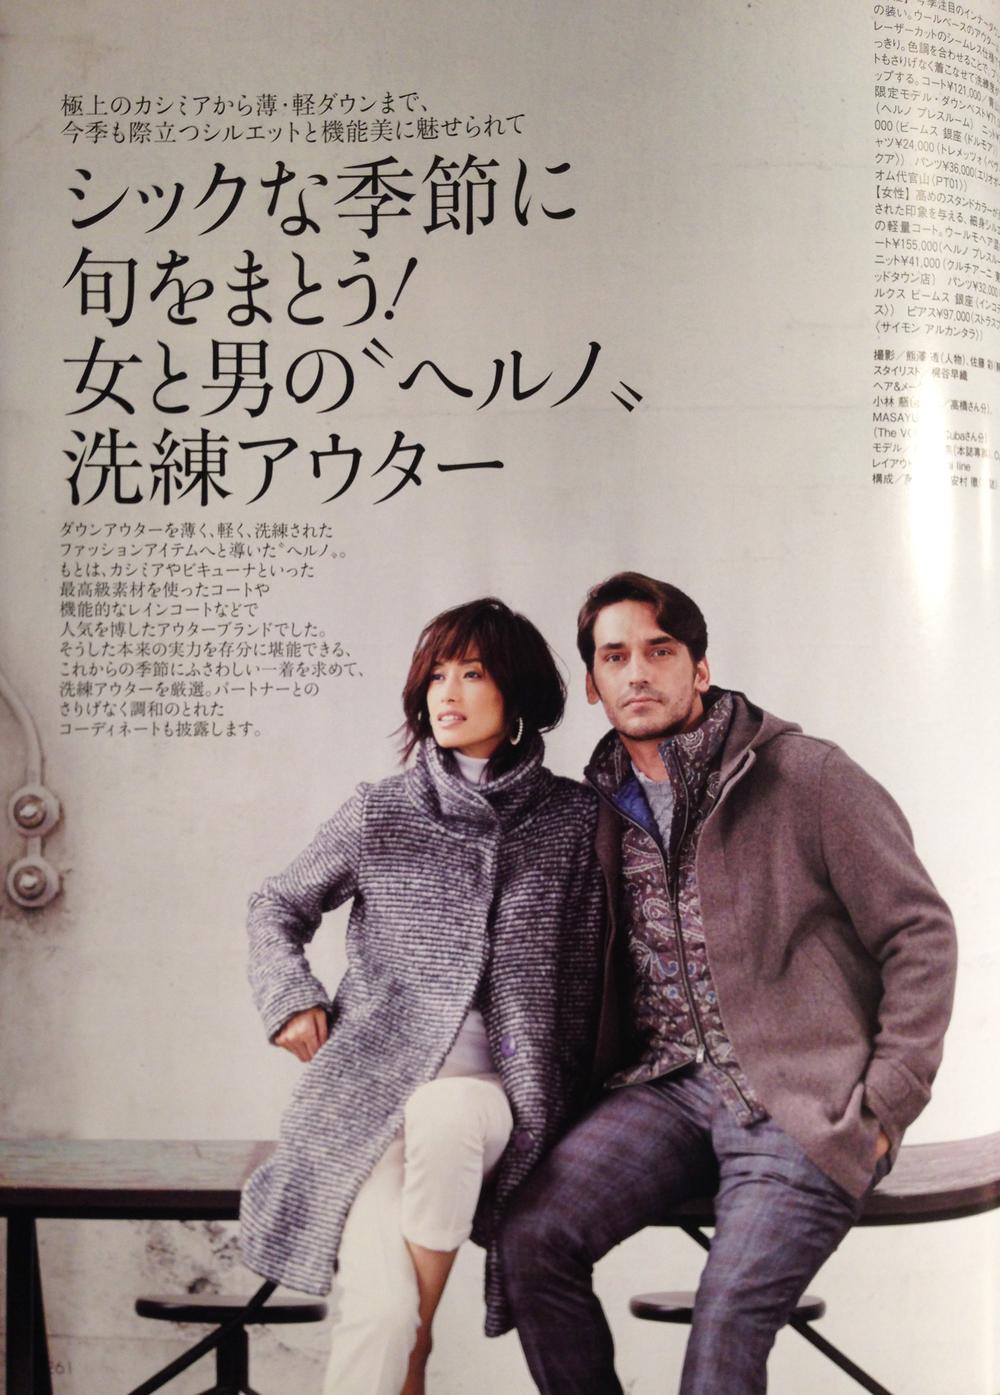 Precious Magazine Page 5.jpg